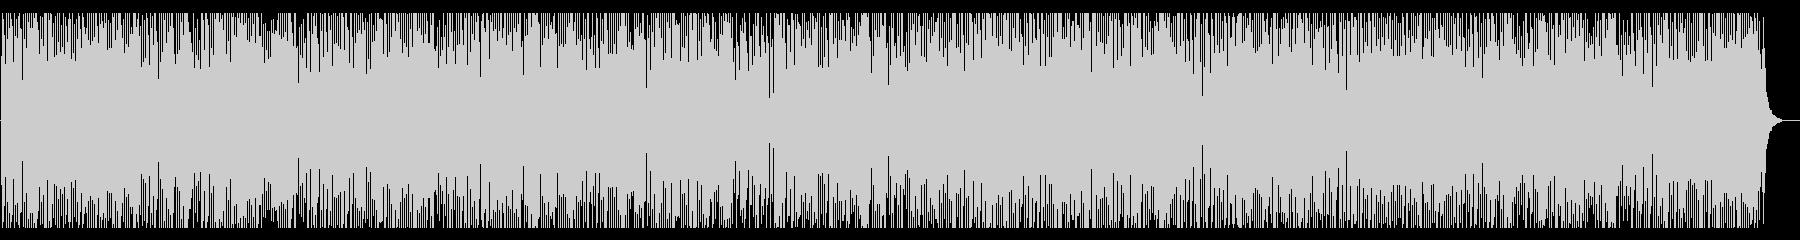 ネイチャーサウンドEfx、シーの未再生の波形